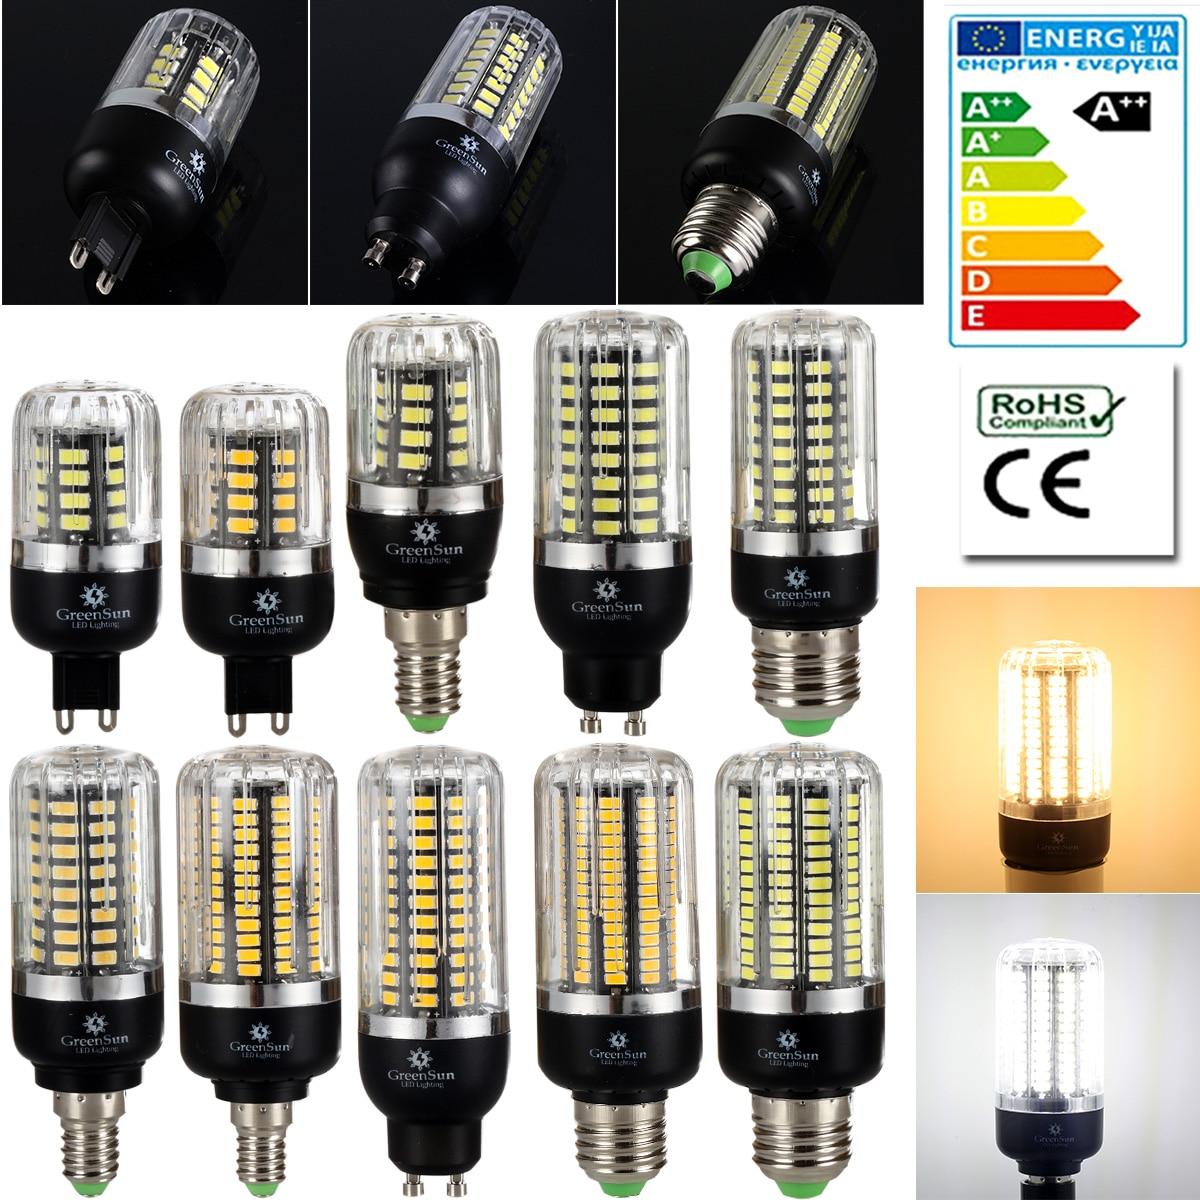 5736 SMD LED Corn Bulb Light E14 E27 G9 GU10 3W 5W 7W 9W 12W 15W LED Spot Light Lamp 220V Energy Saving vbs real wattage 25w 35w 45w led lamp corn bulb 110v 220v e27 aluminum fan cooling 5730 smd led spot light corn light bulb